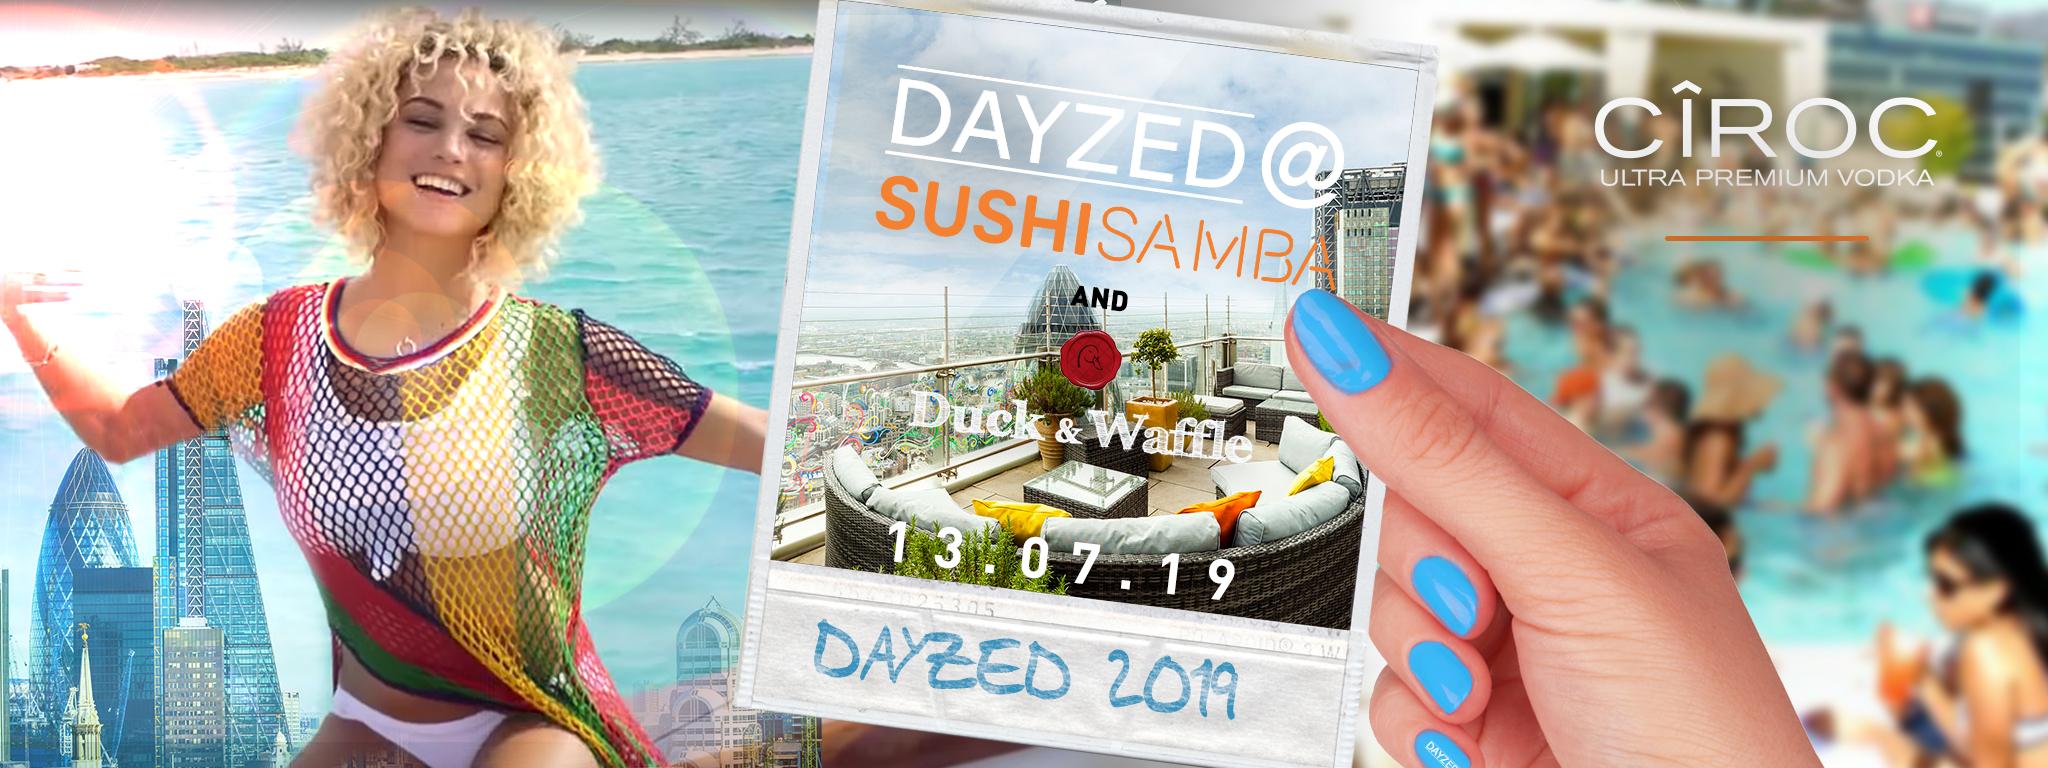 Dayzed Flyer 2019 2.jpg